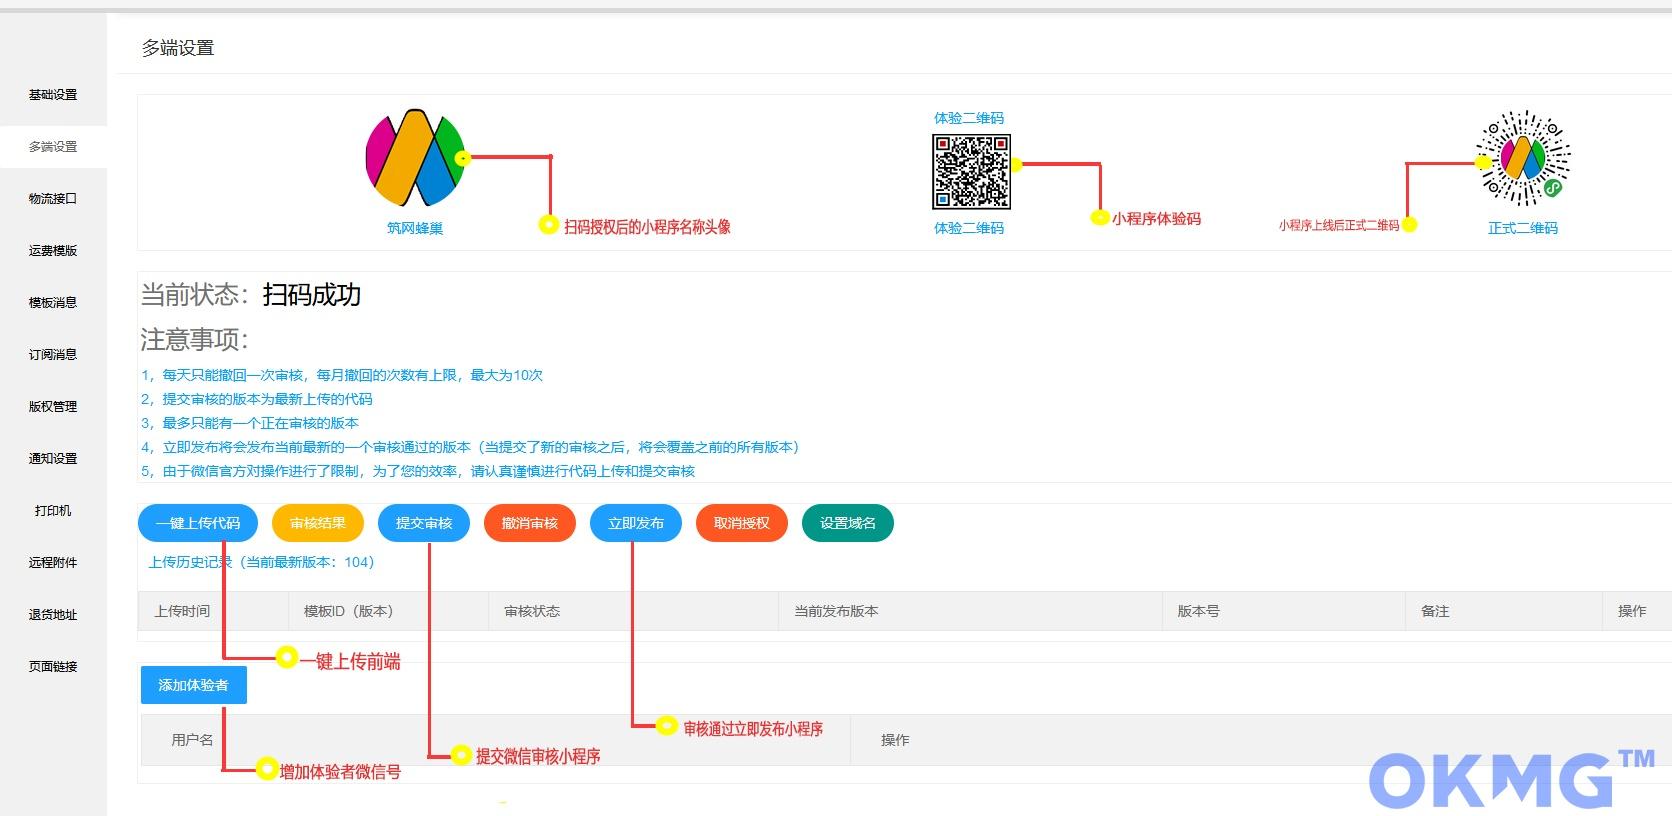 百搜云端微信小程序v4.0.30万能全云端一键升级后台《Thinkphp授权加密版》